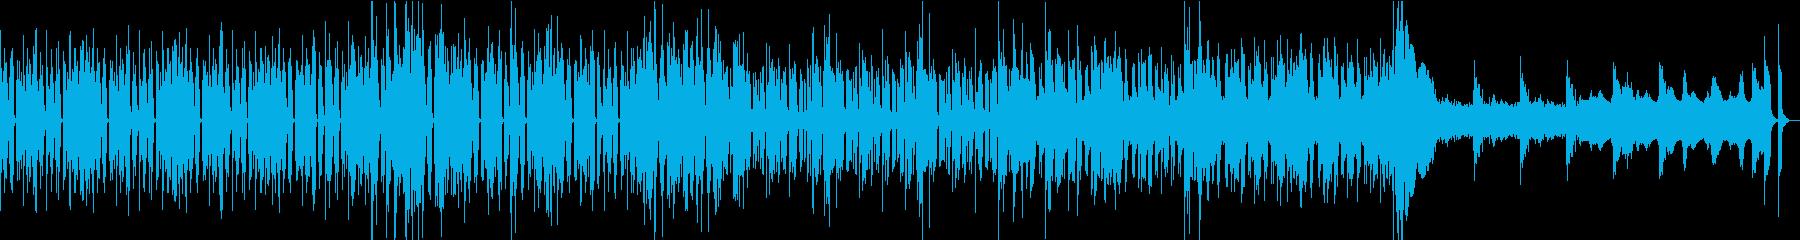 軽快から奇妙へのBGMの再生済みの波形